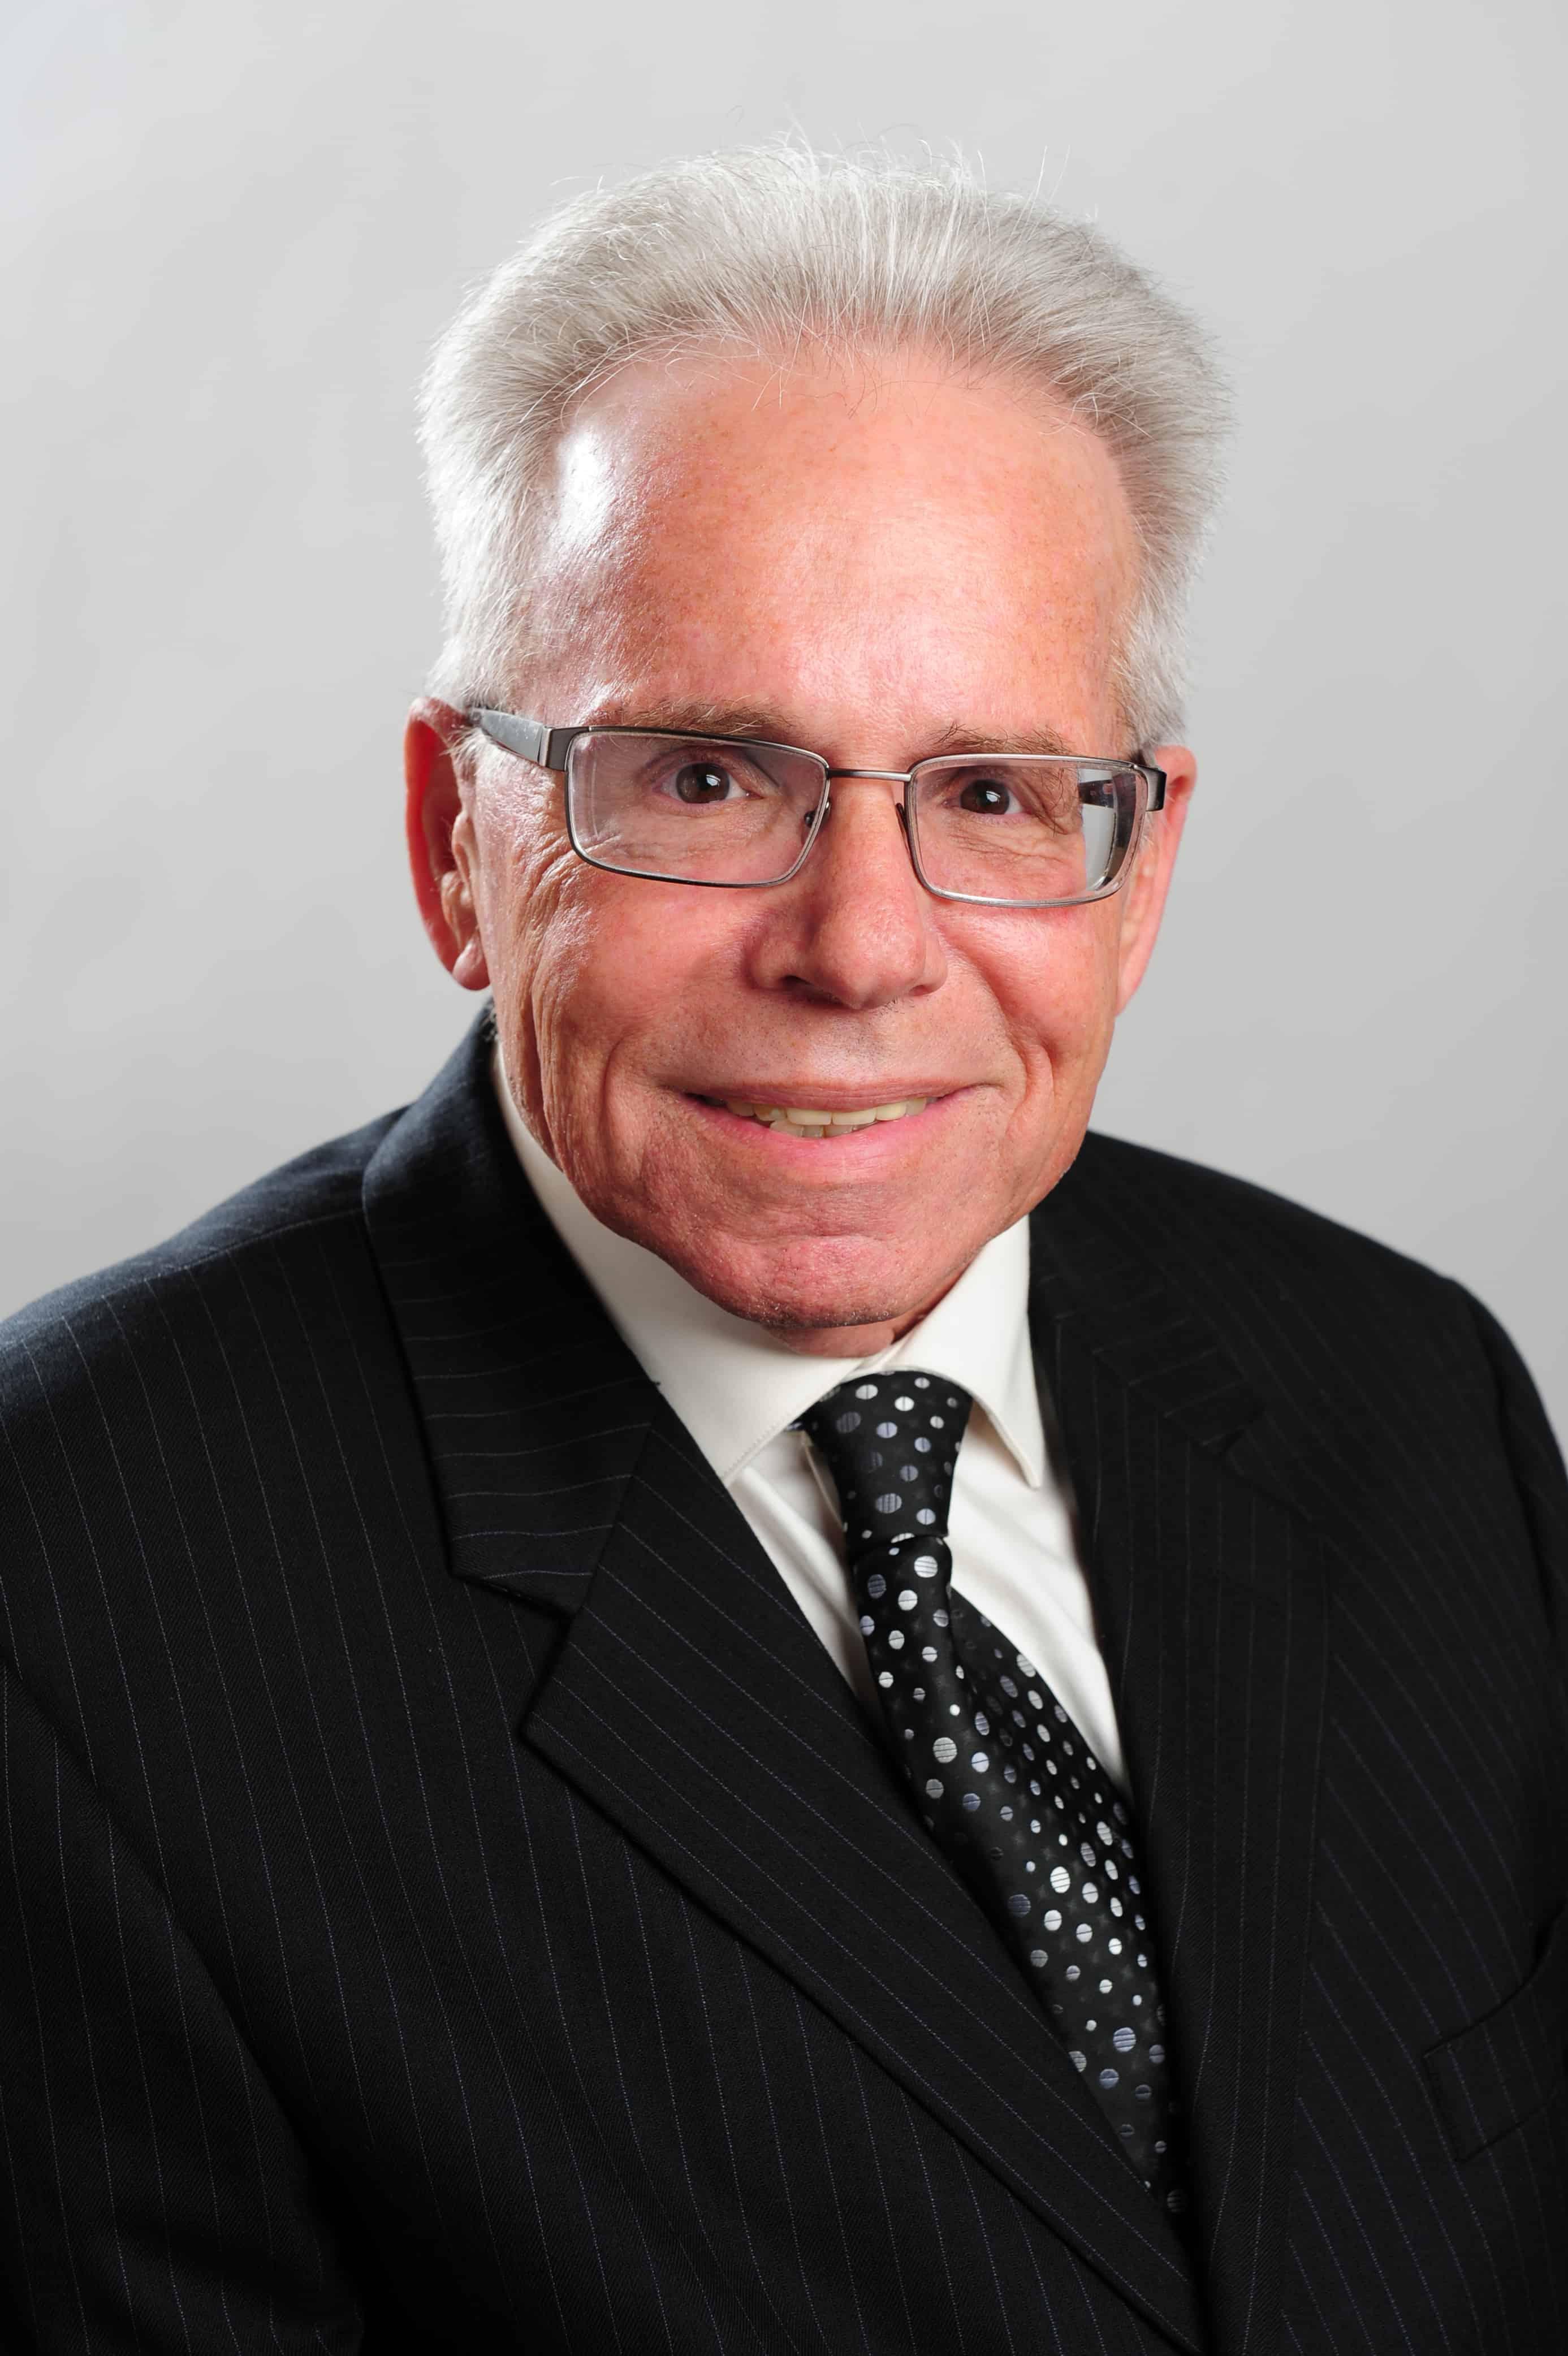 Podiatrist Dr. Andrew Liss